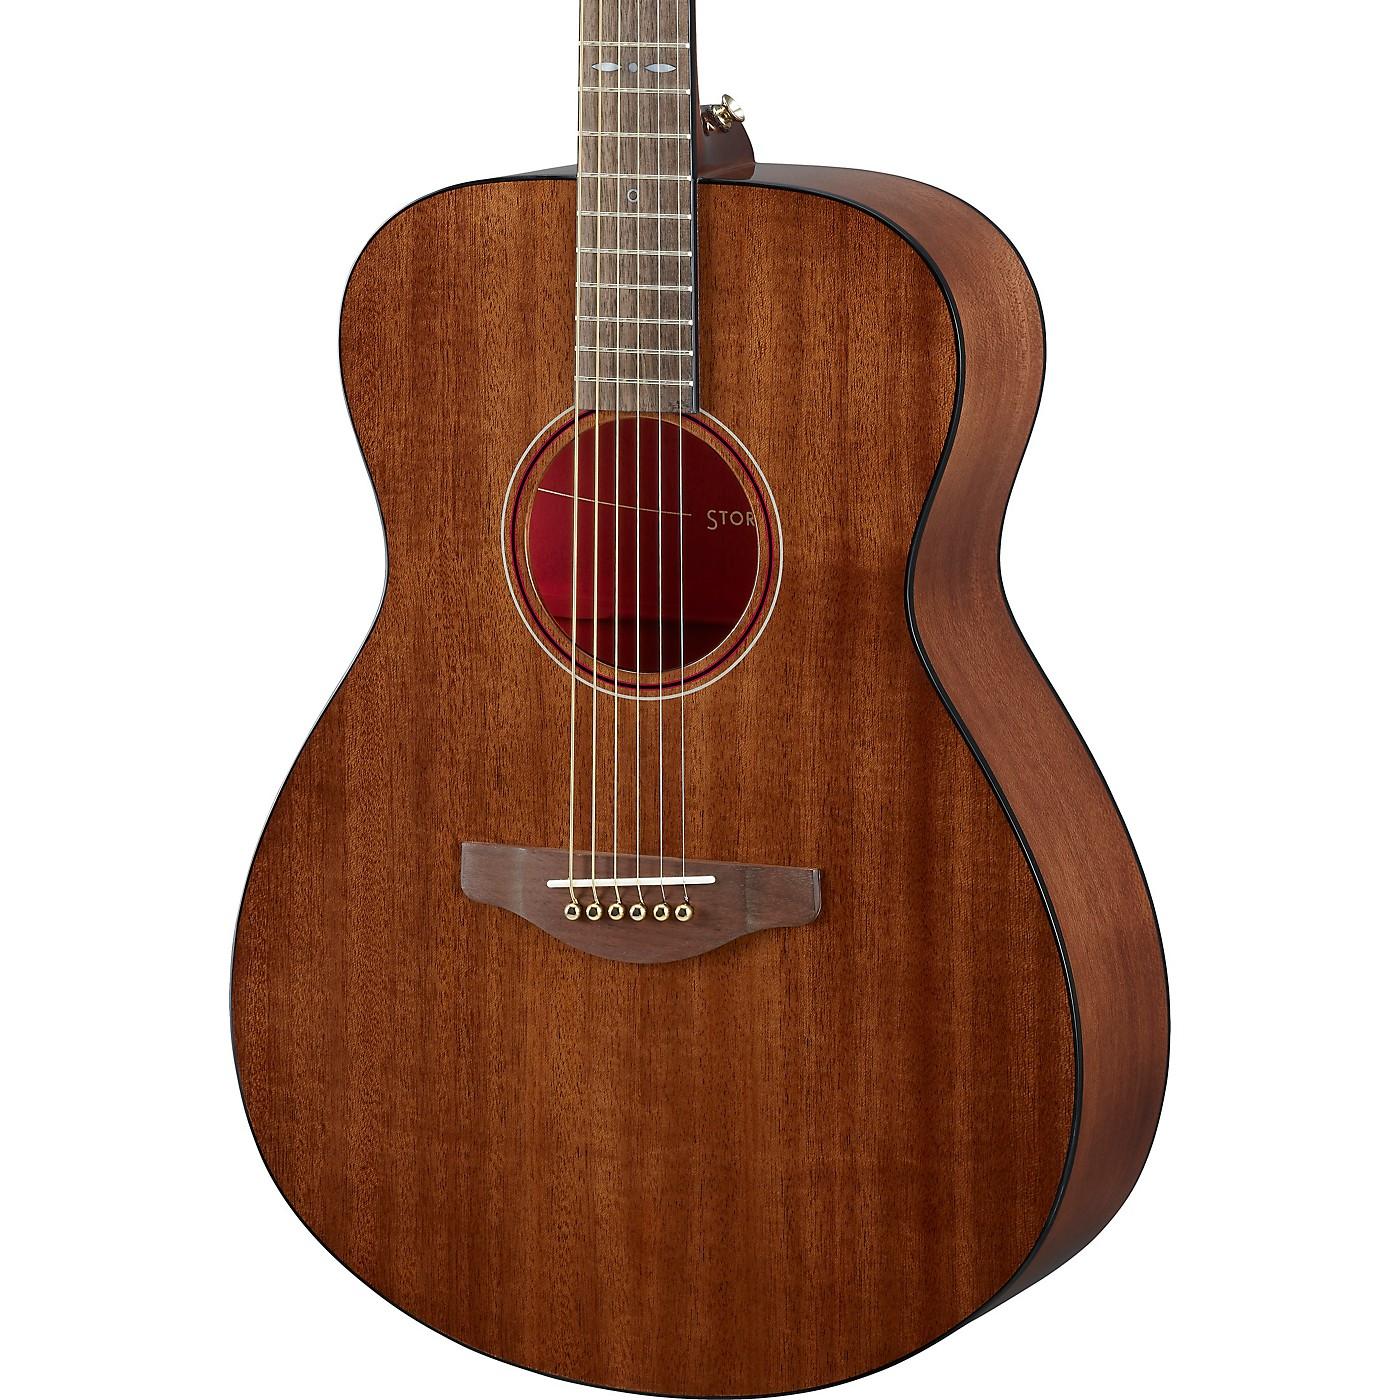 Yamaha STORIA III Concert Acoustic-Electric Guitar thumbnail